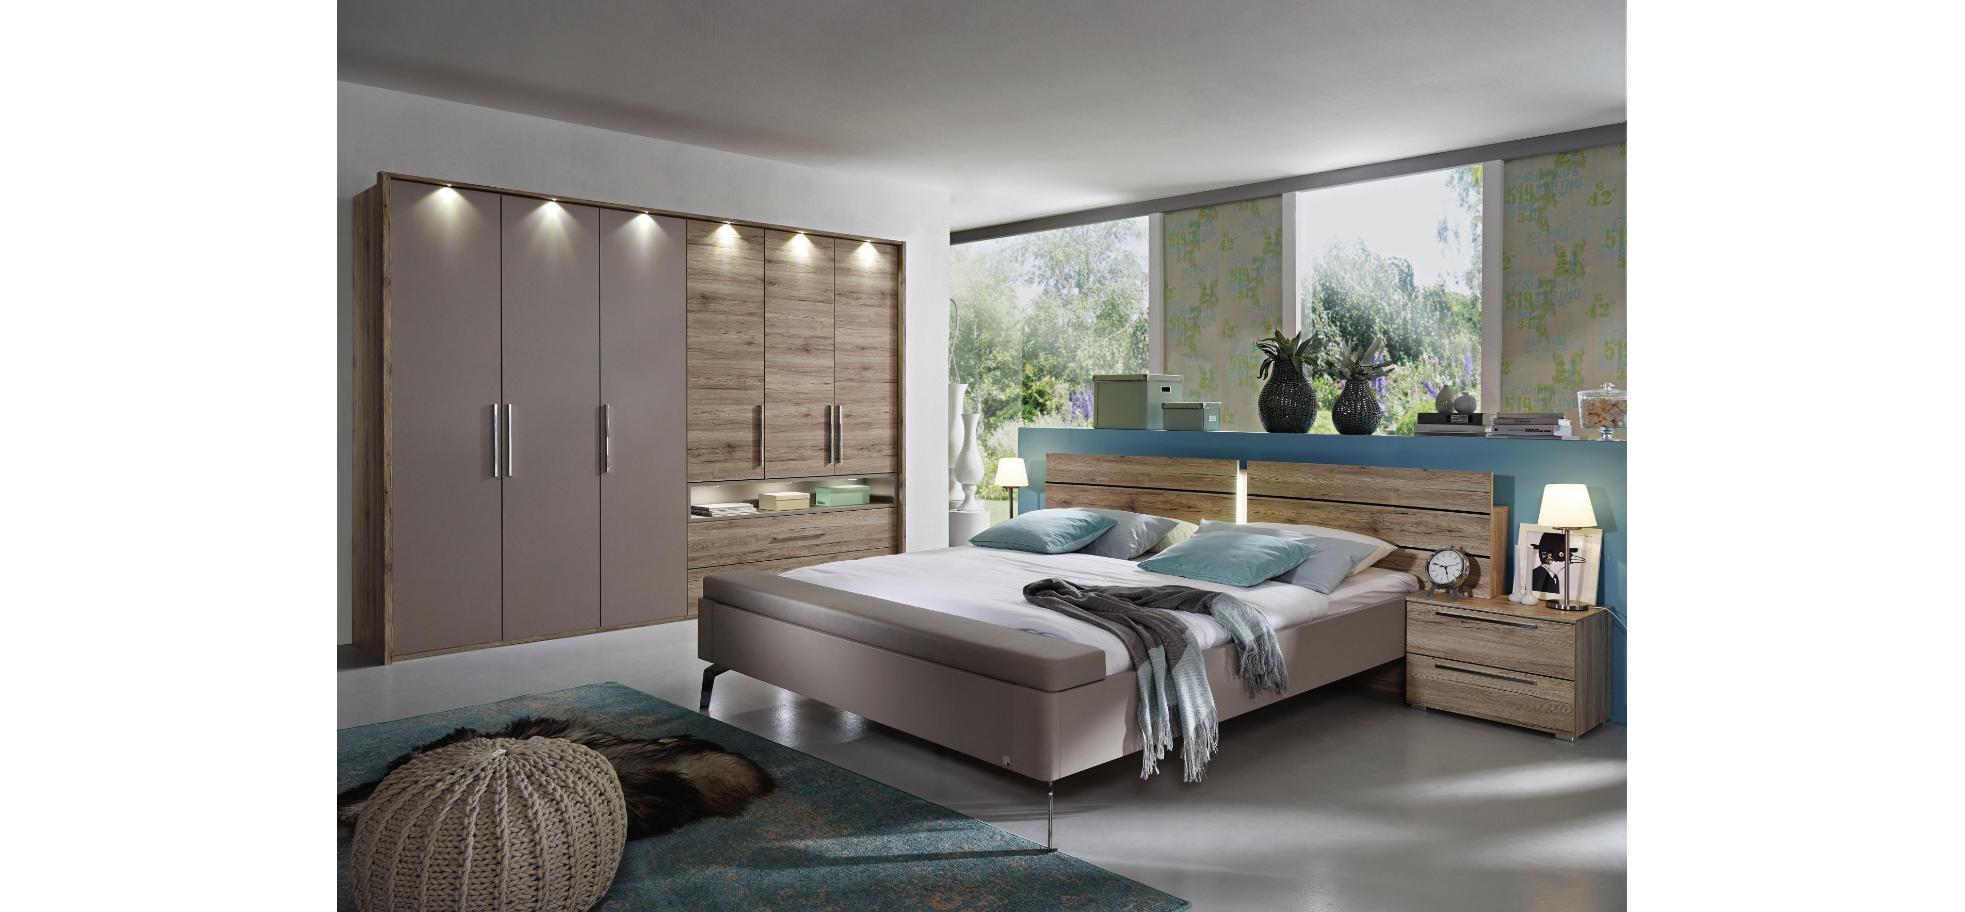 Schlafzimmer Braune Mobel Welche Wandfarbe Wandfarbe Grau